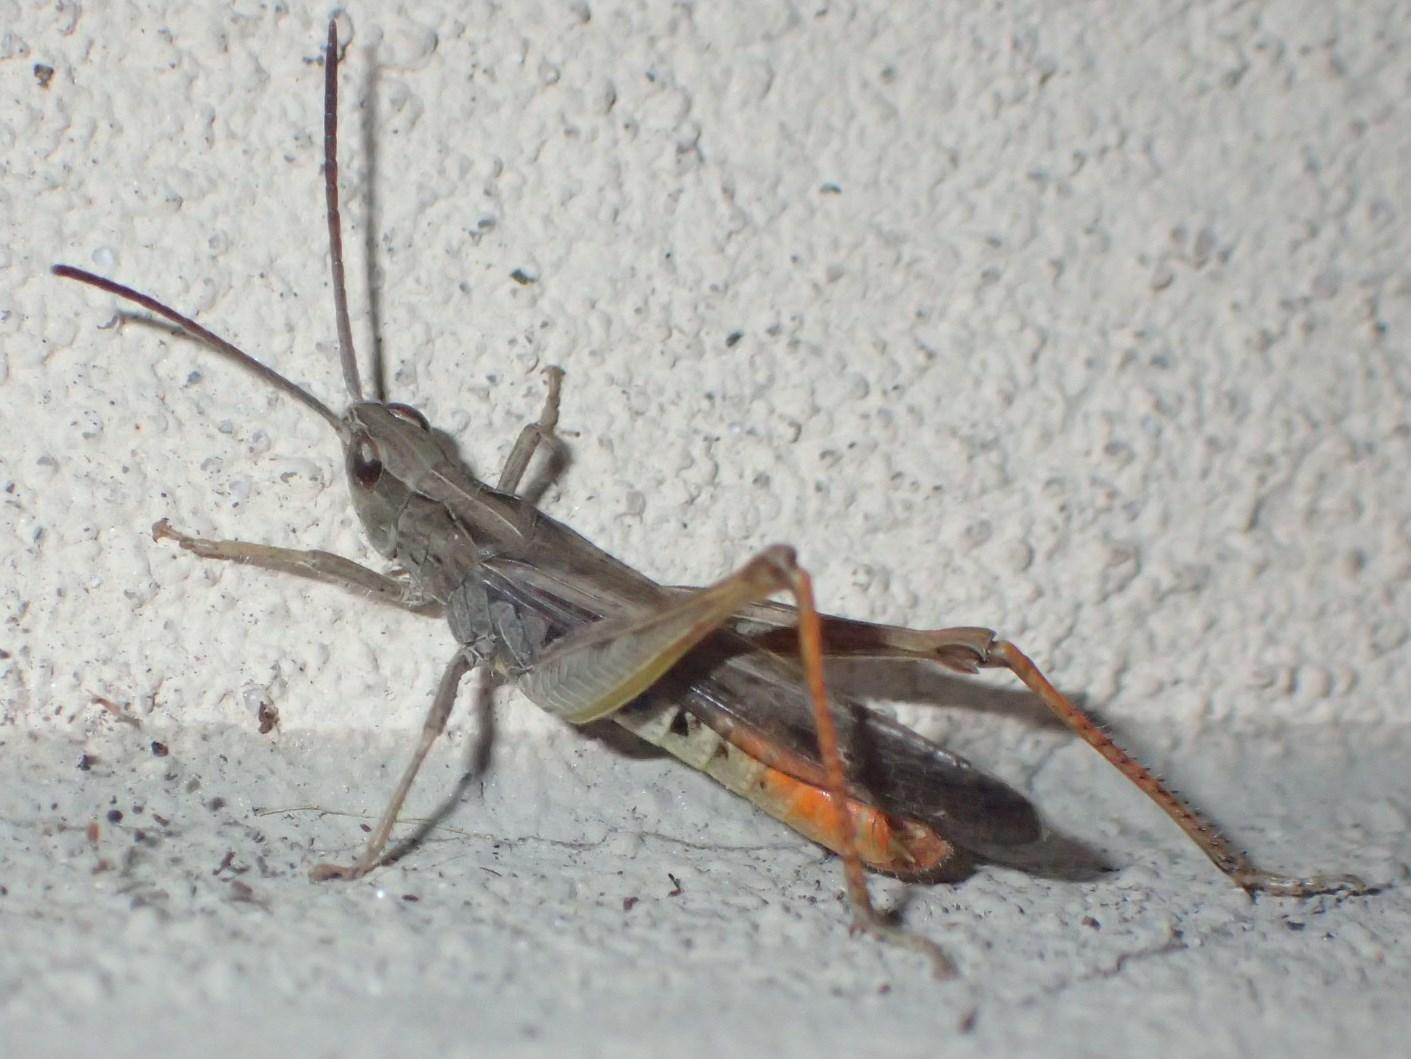 Sotto un lampione: Omocestus rufipes, maschio